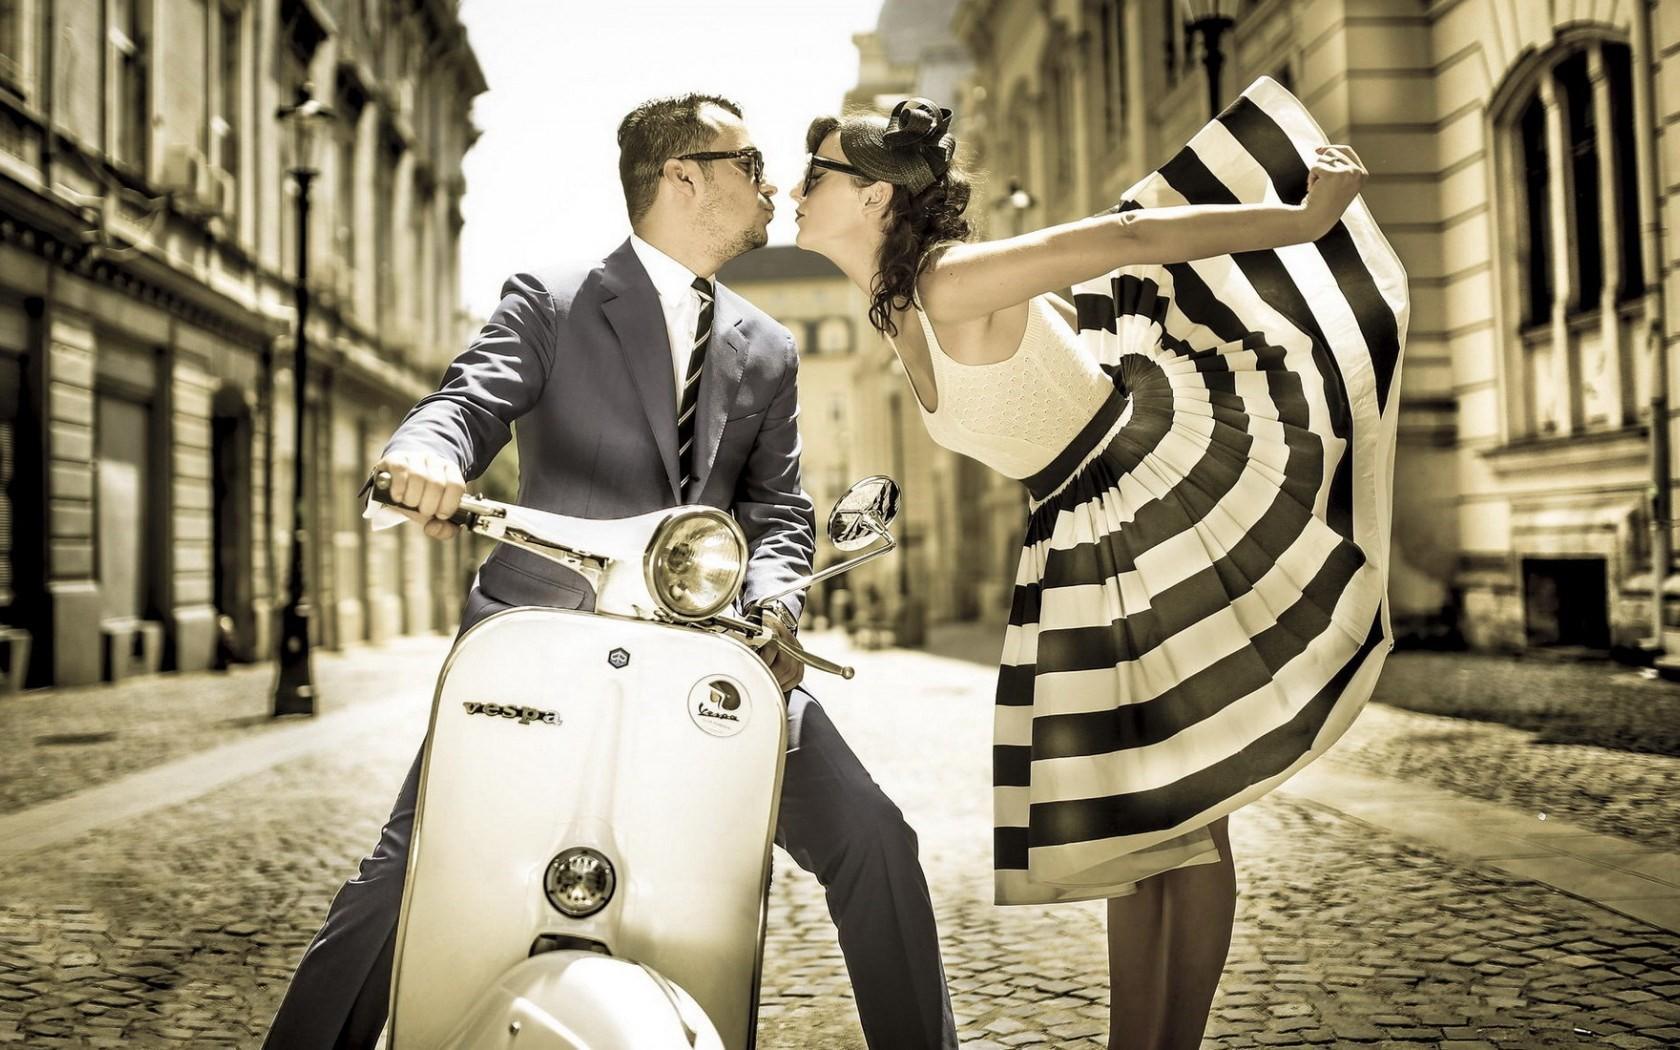 download vintage scooter vespa street boy girl kiss hd images